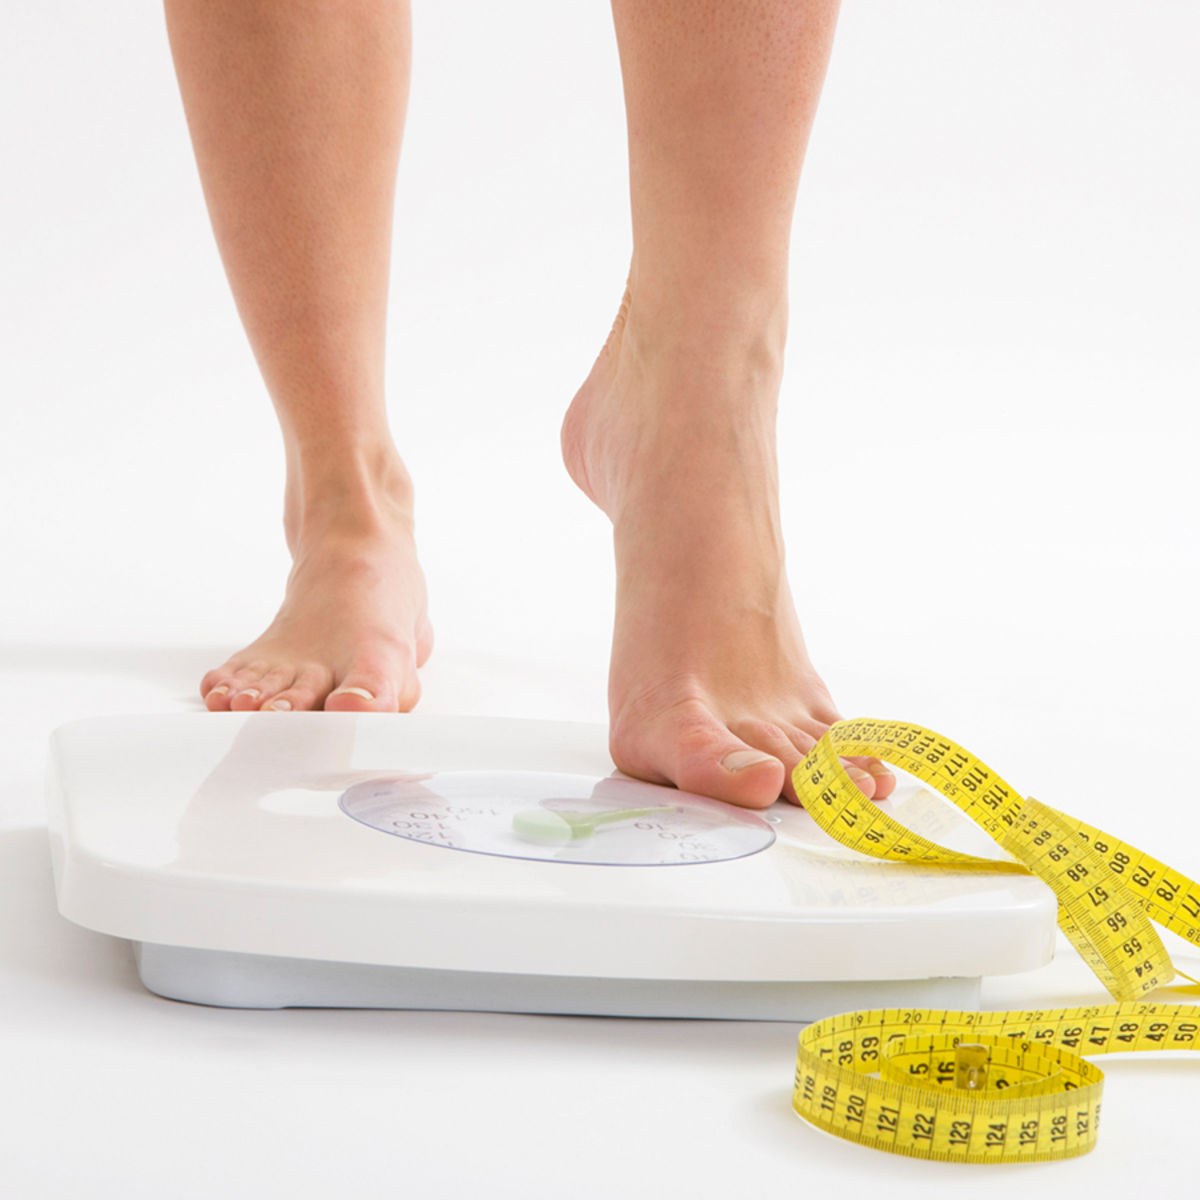 Cm 172 idealgewicht frau bei Normalgewicht und